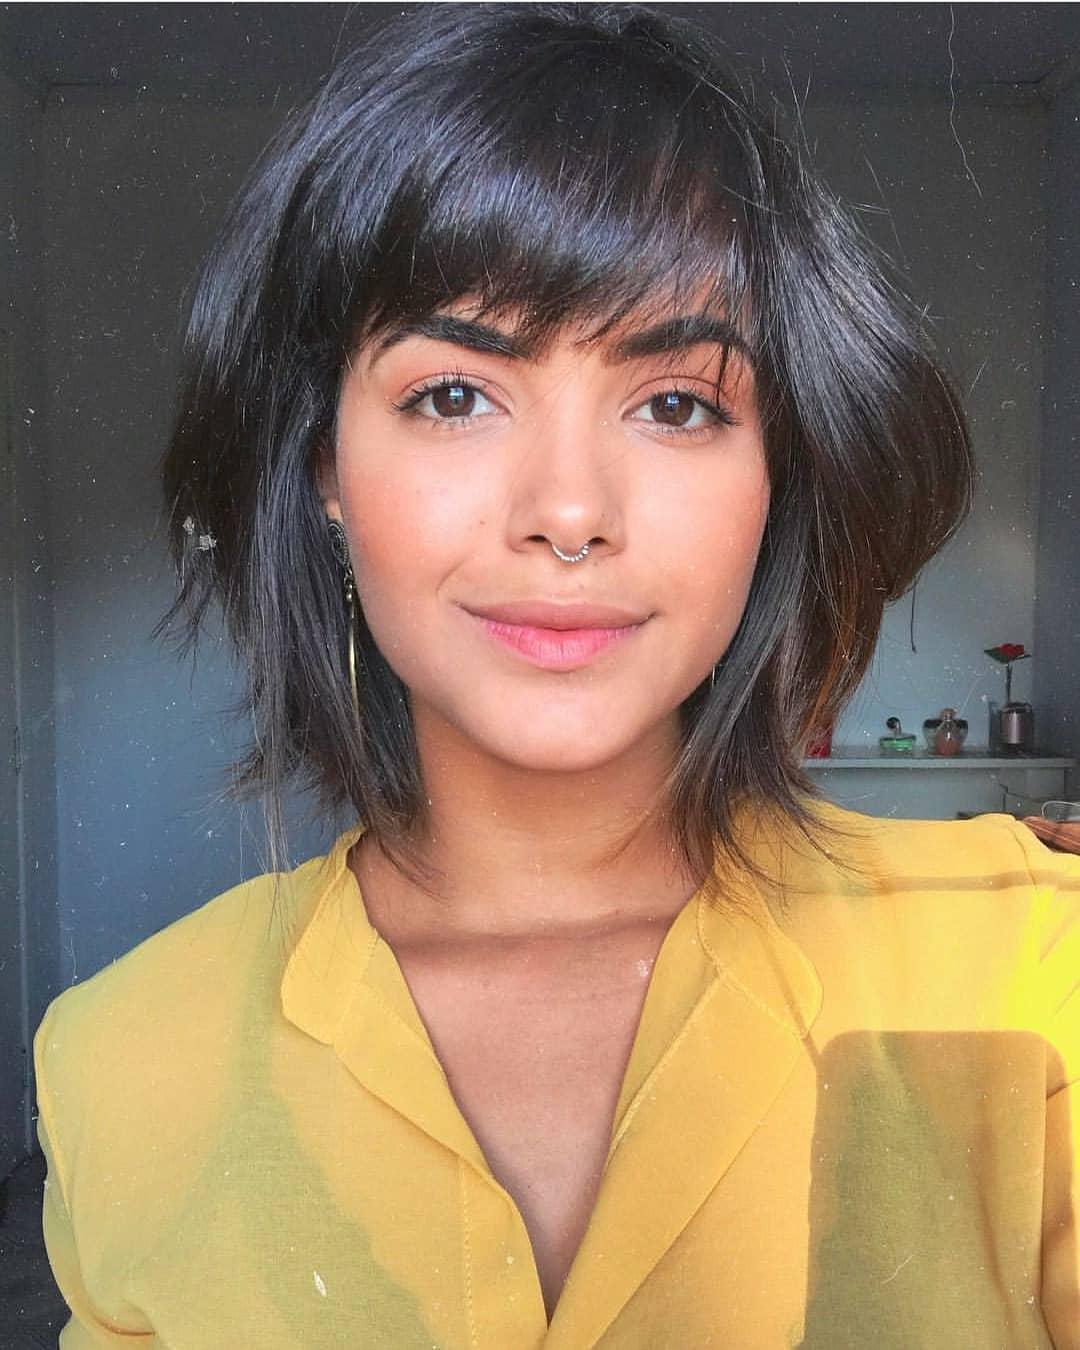 Zehn trendige kurze Bob Haarschnitte für Frauen